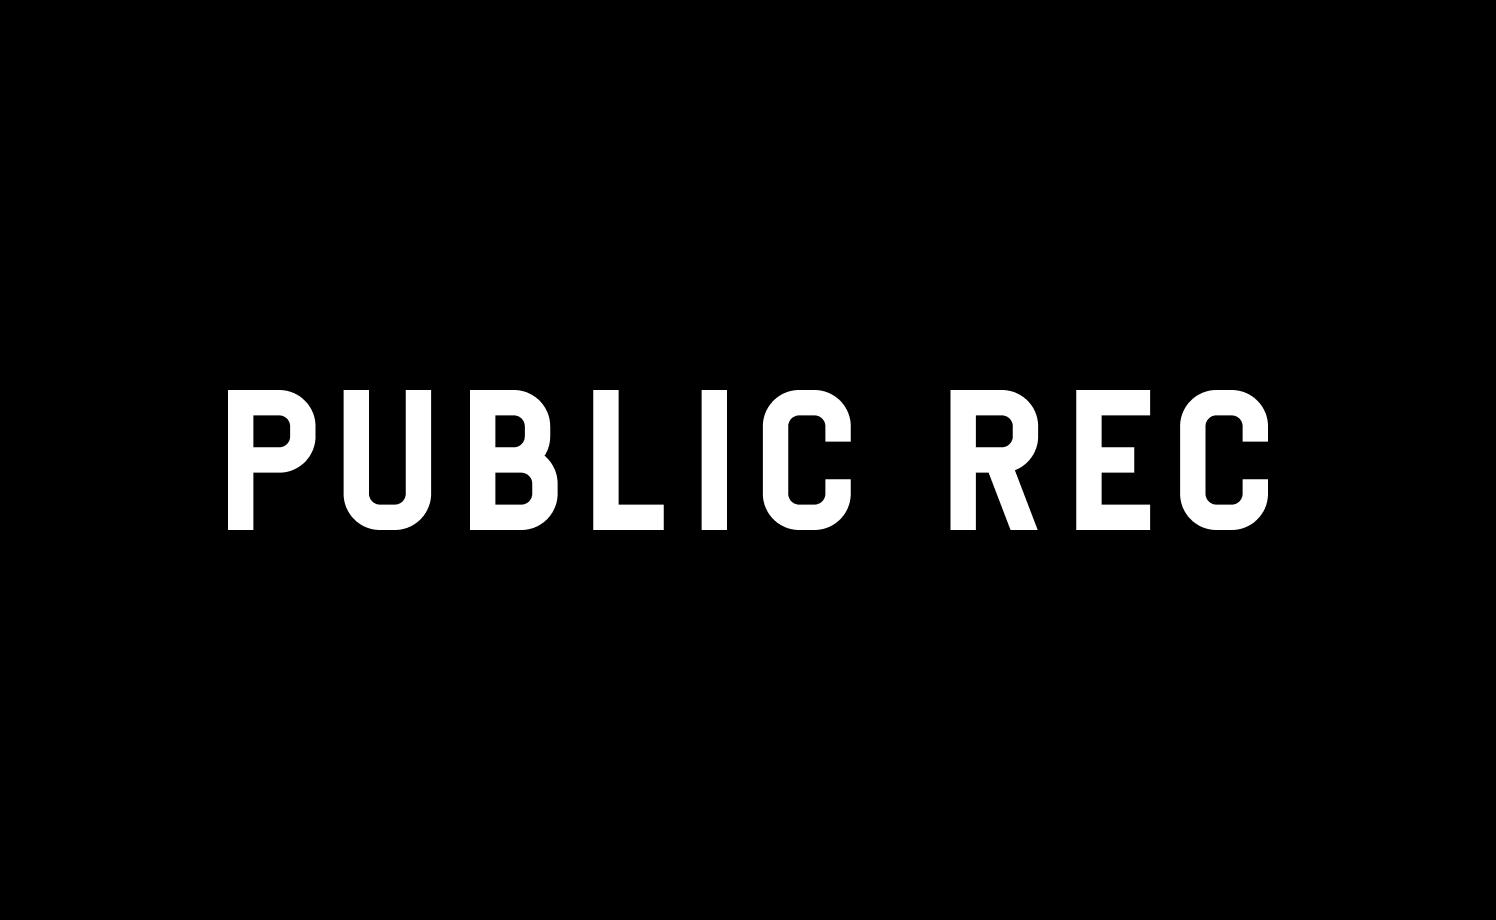 feedback-friday-public-rec